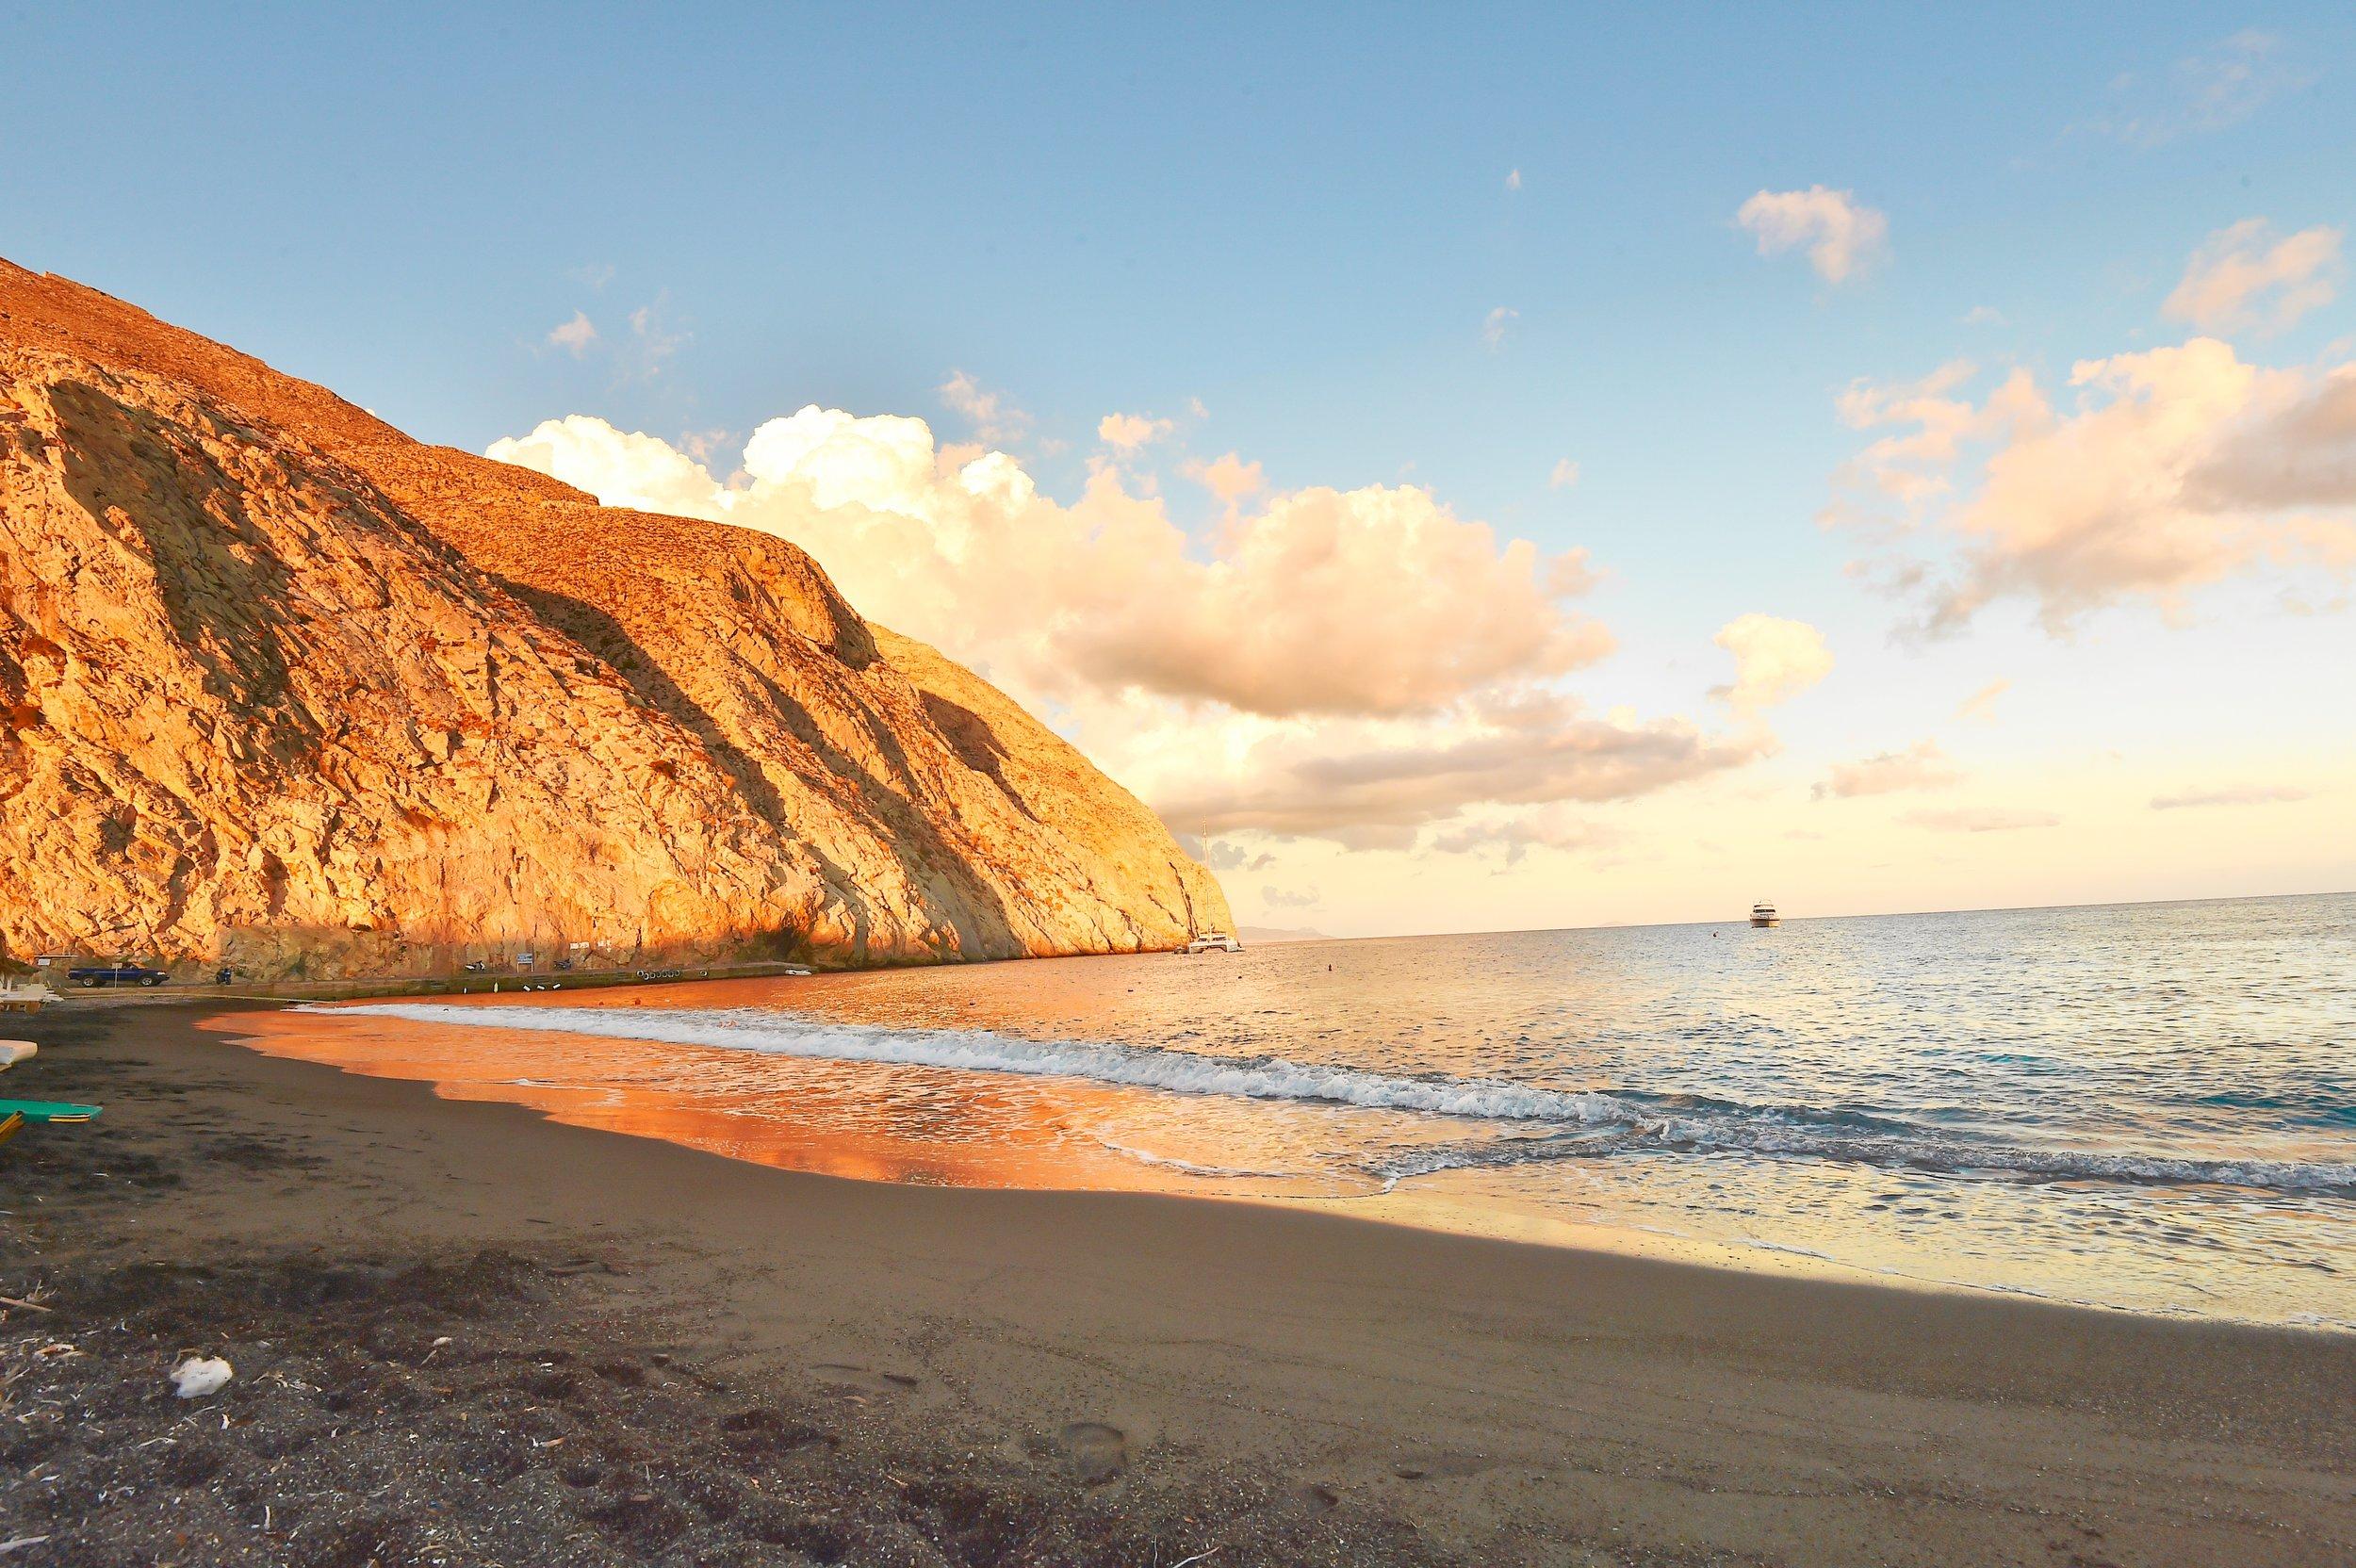 Santorini island Greece 2016 AF-S Nikkor 16-35mm